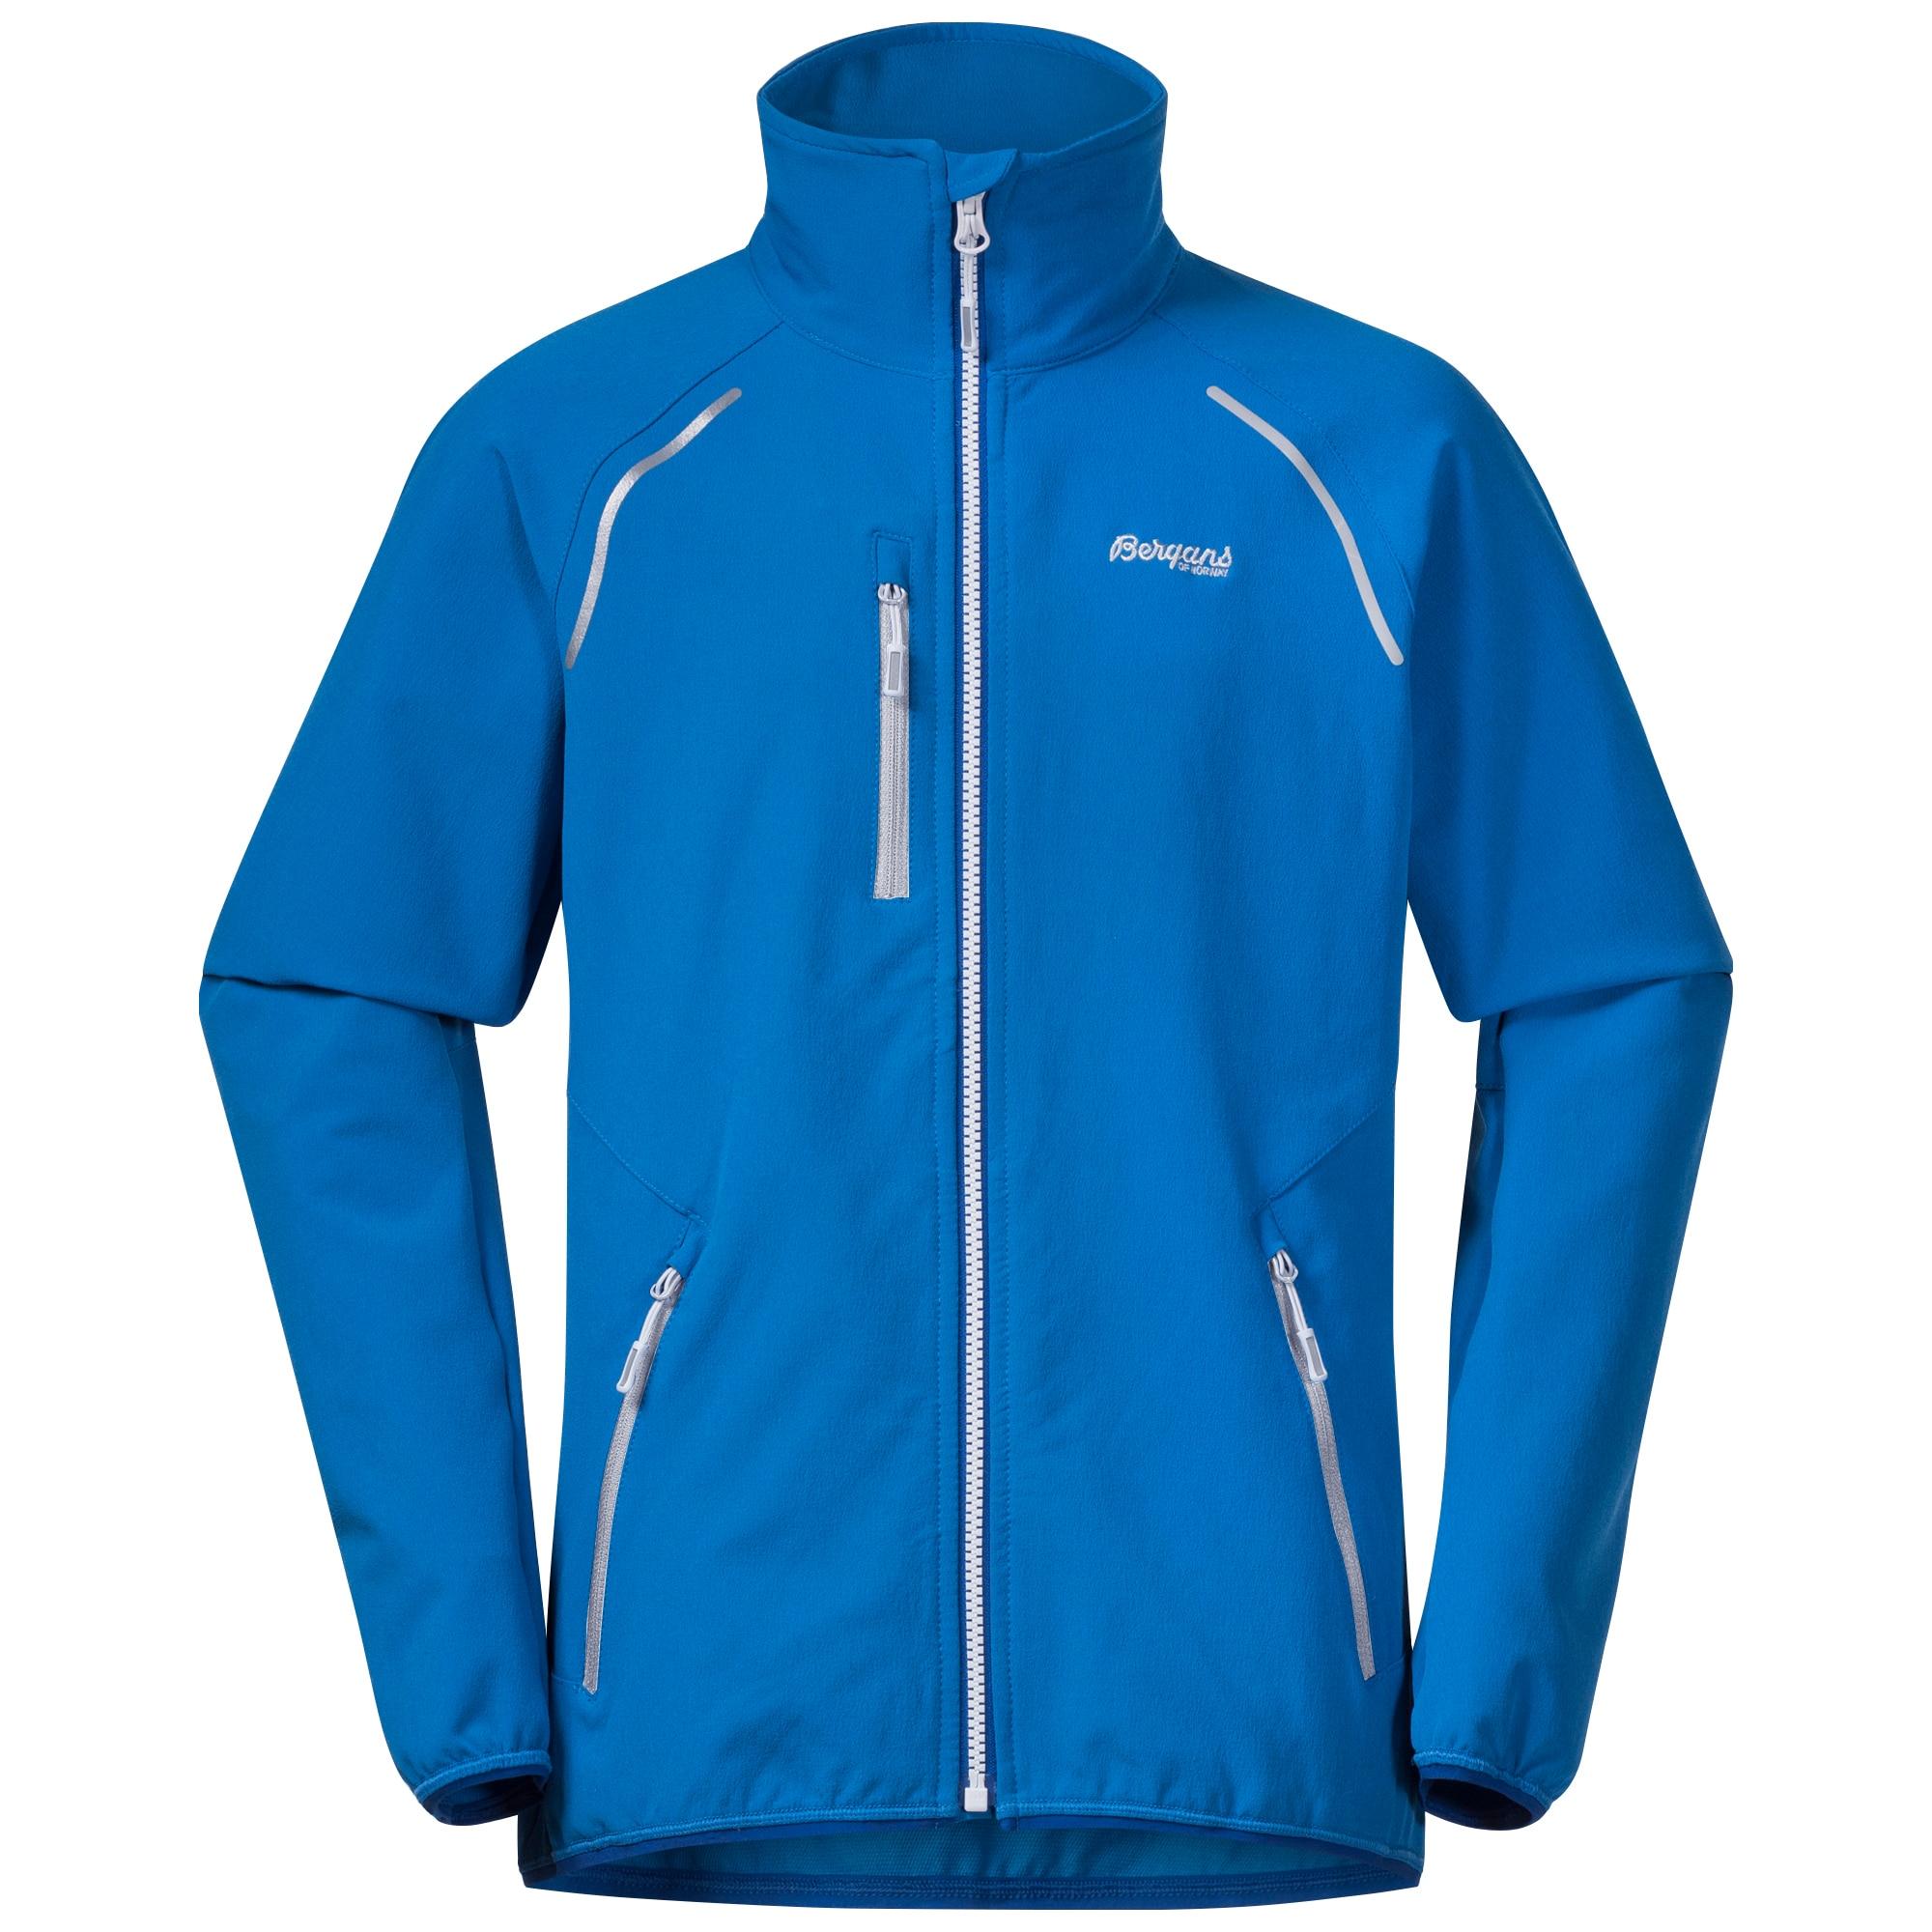 Sjoa Light Softshell Youth Jacket